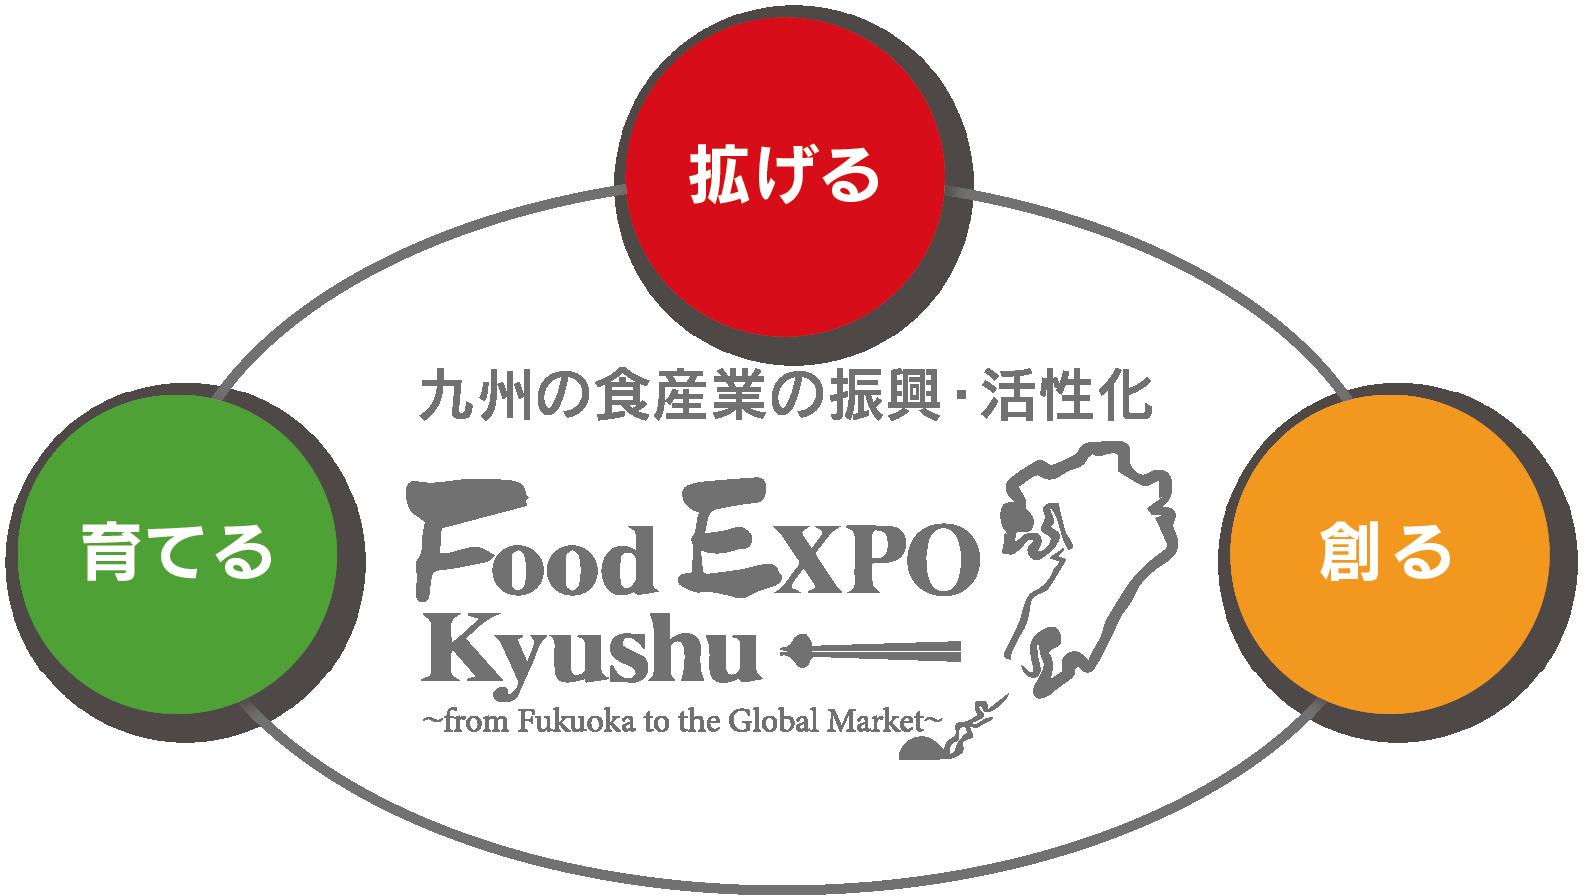 Food EXPO Kyushu2021